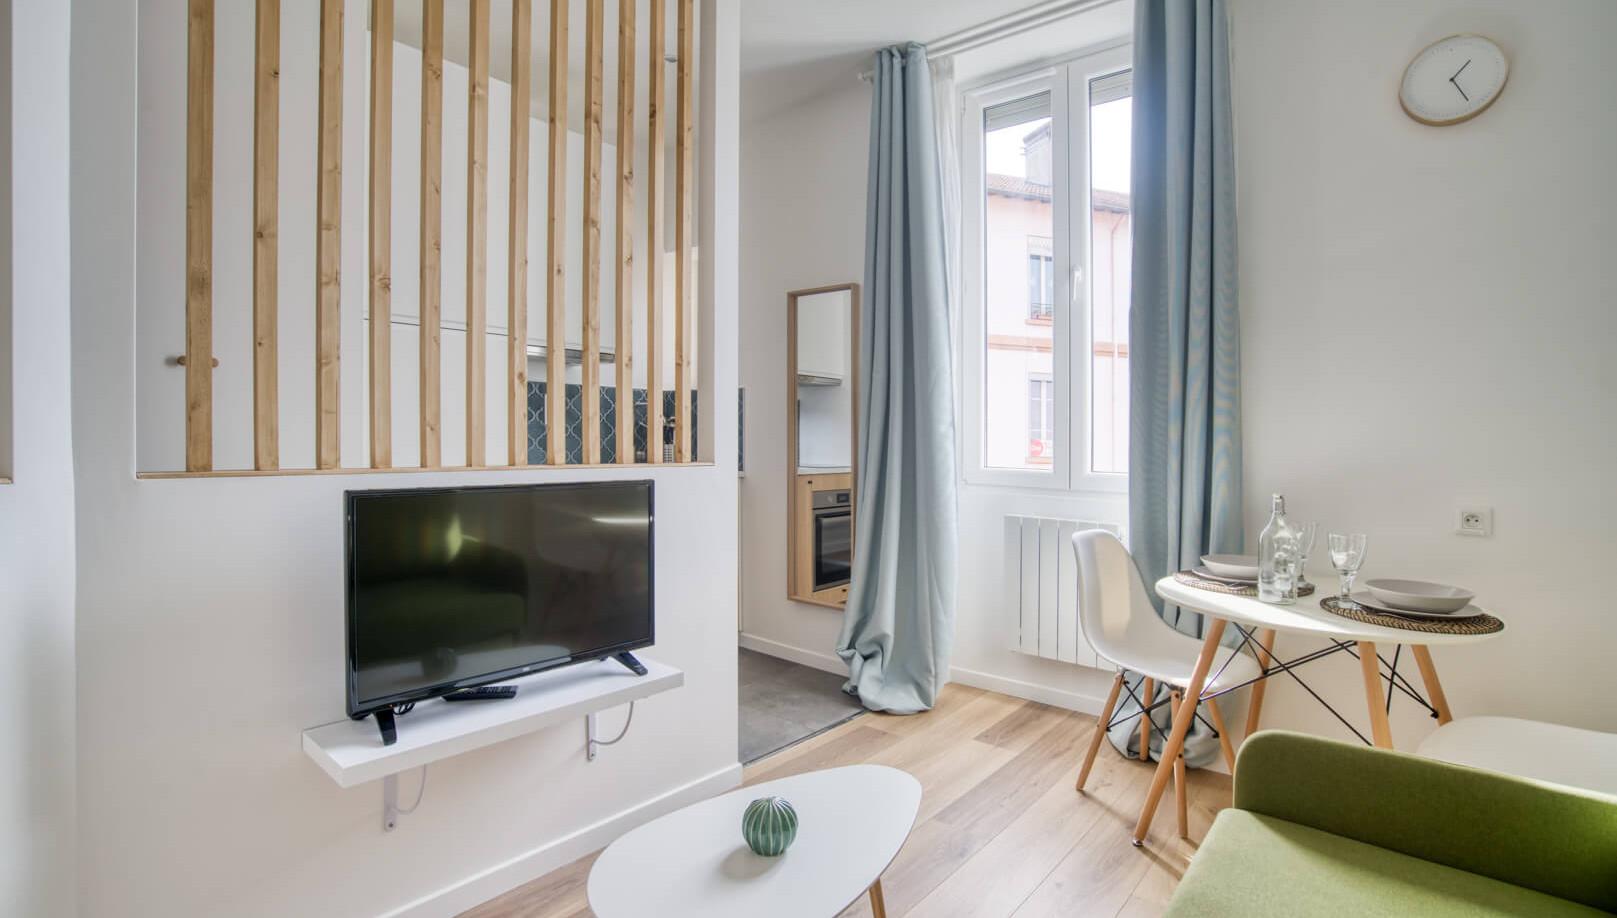 studio étudiant amenagement tendance renovation appartement travaux-decoration lyon architecte intérieur studiolb lisa  bronsztejn natural colors